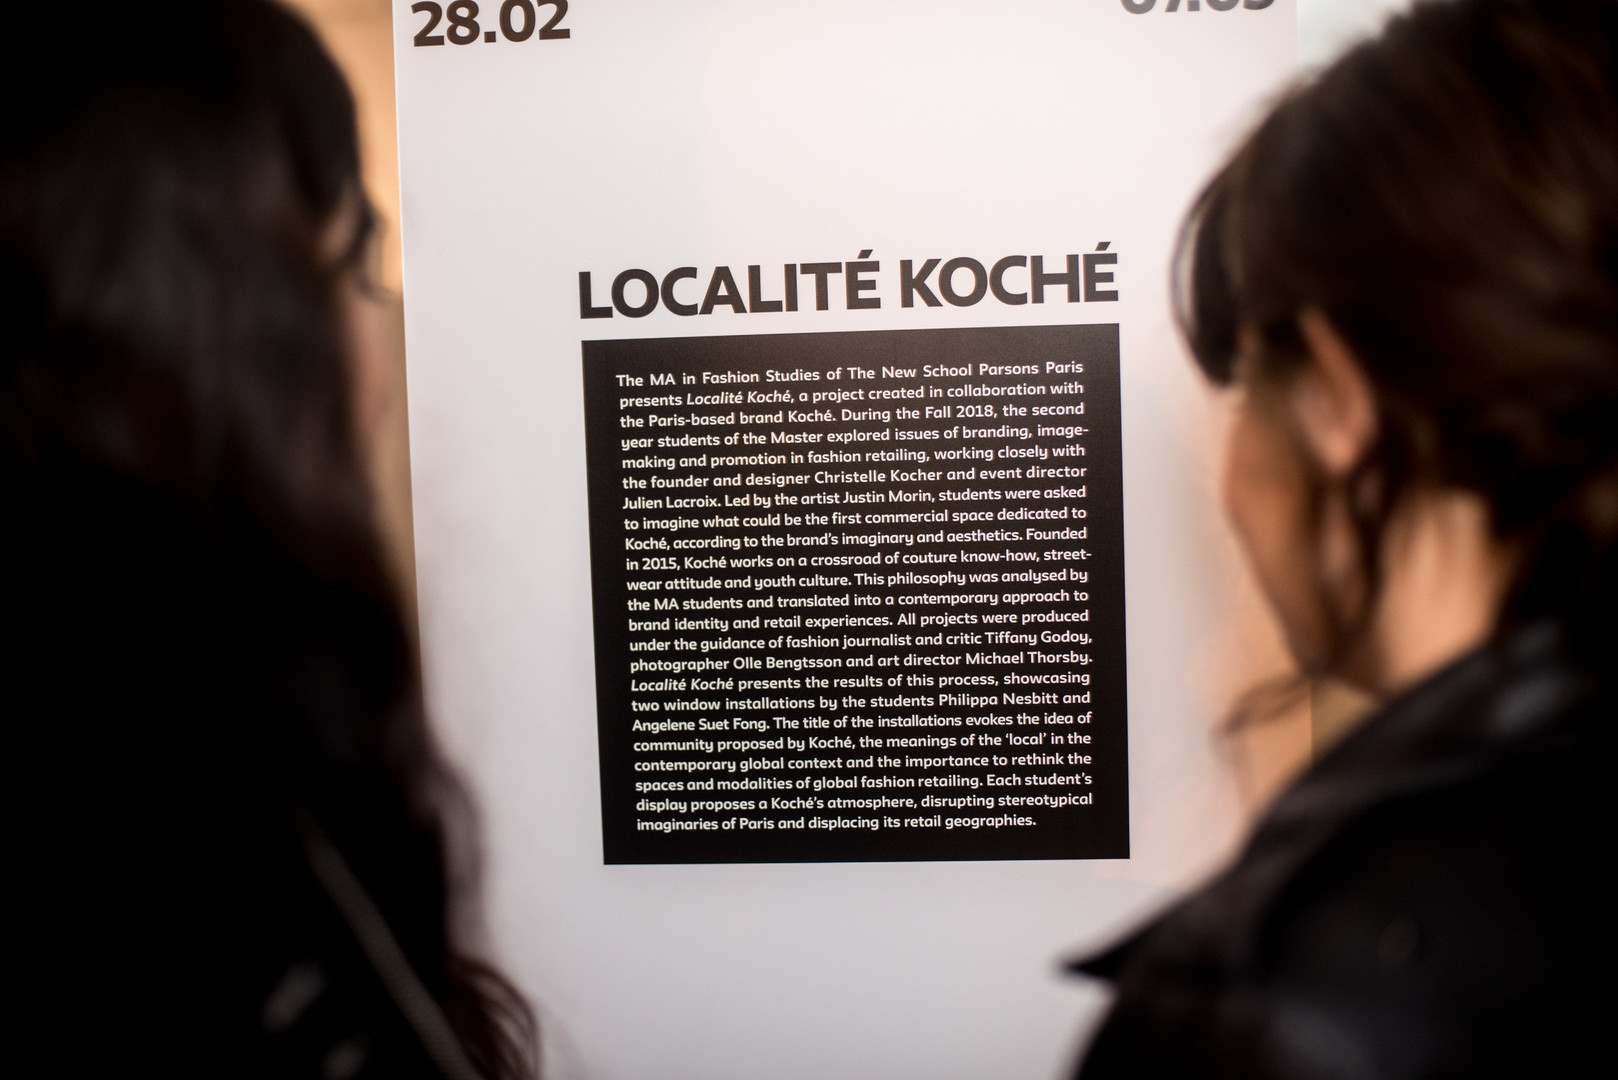 Localité_Koché_(c)_Julien_Mouffron-Gardn